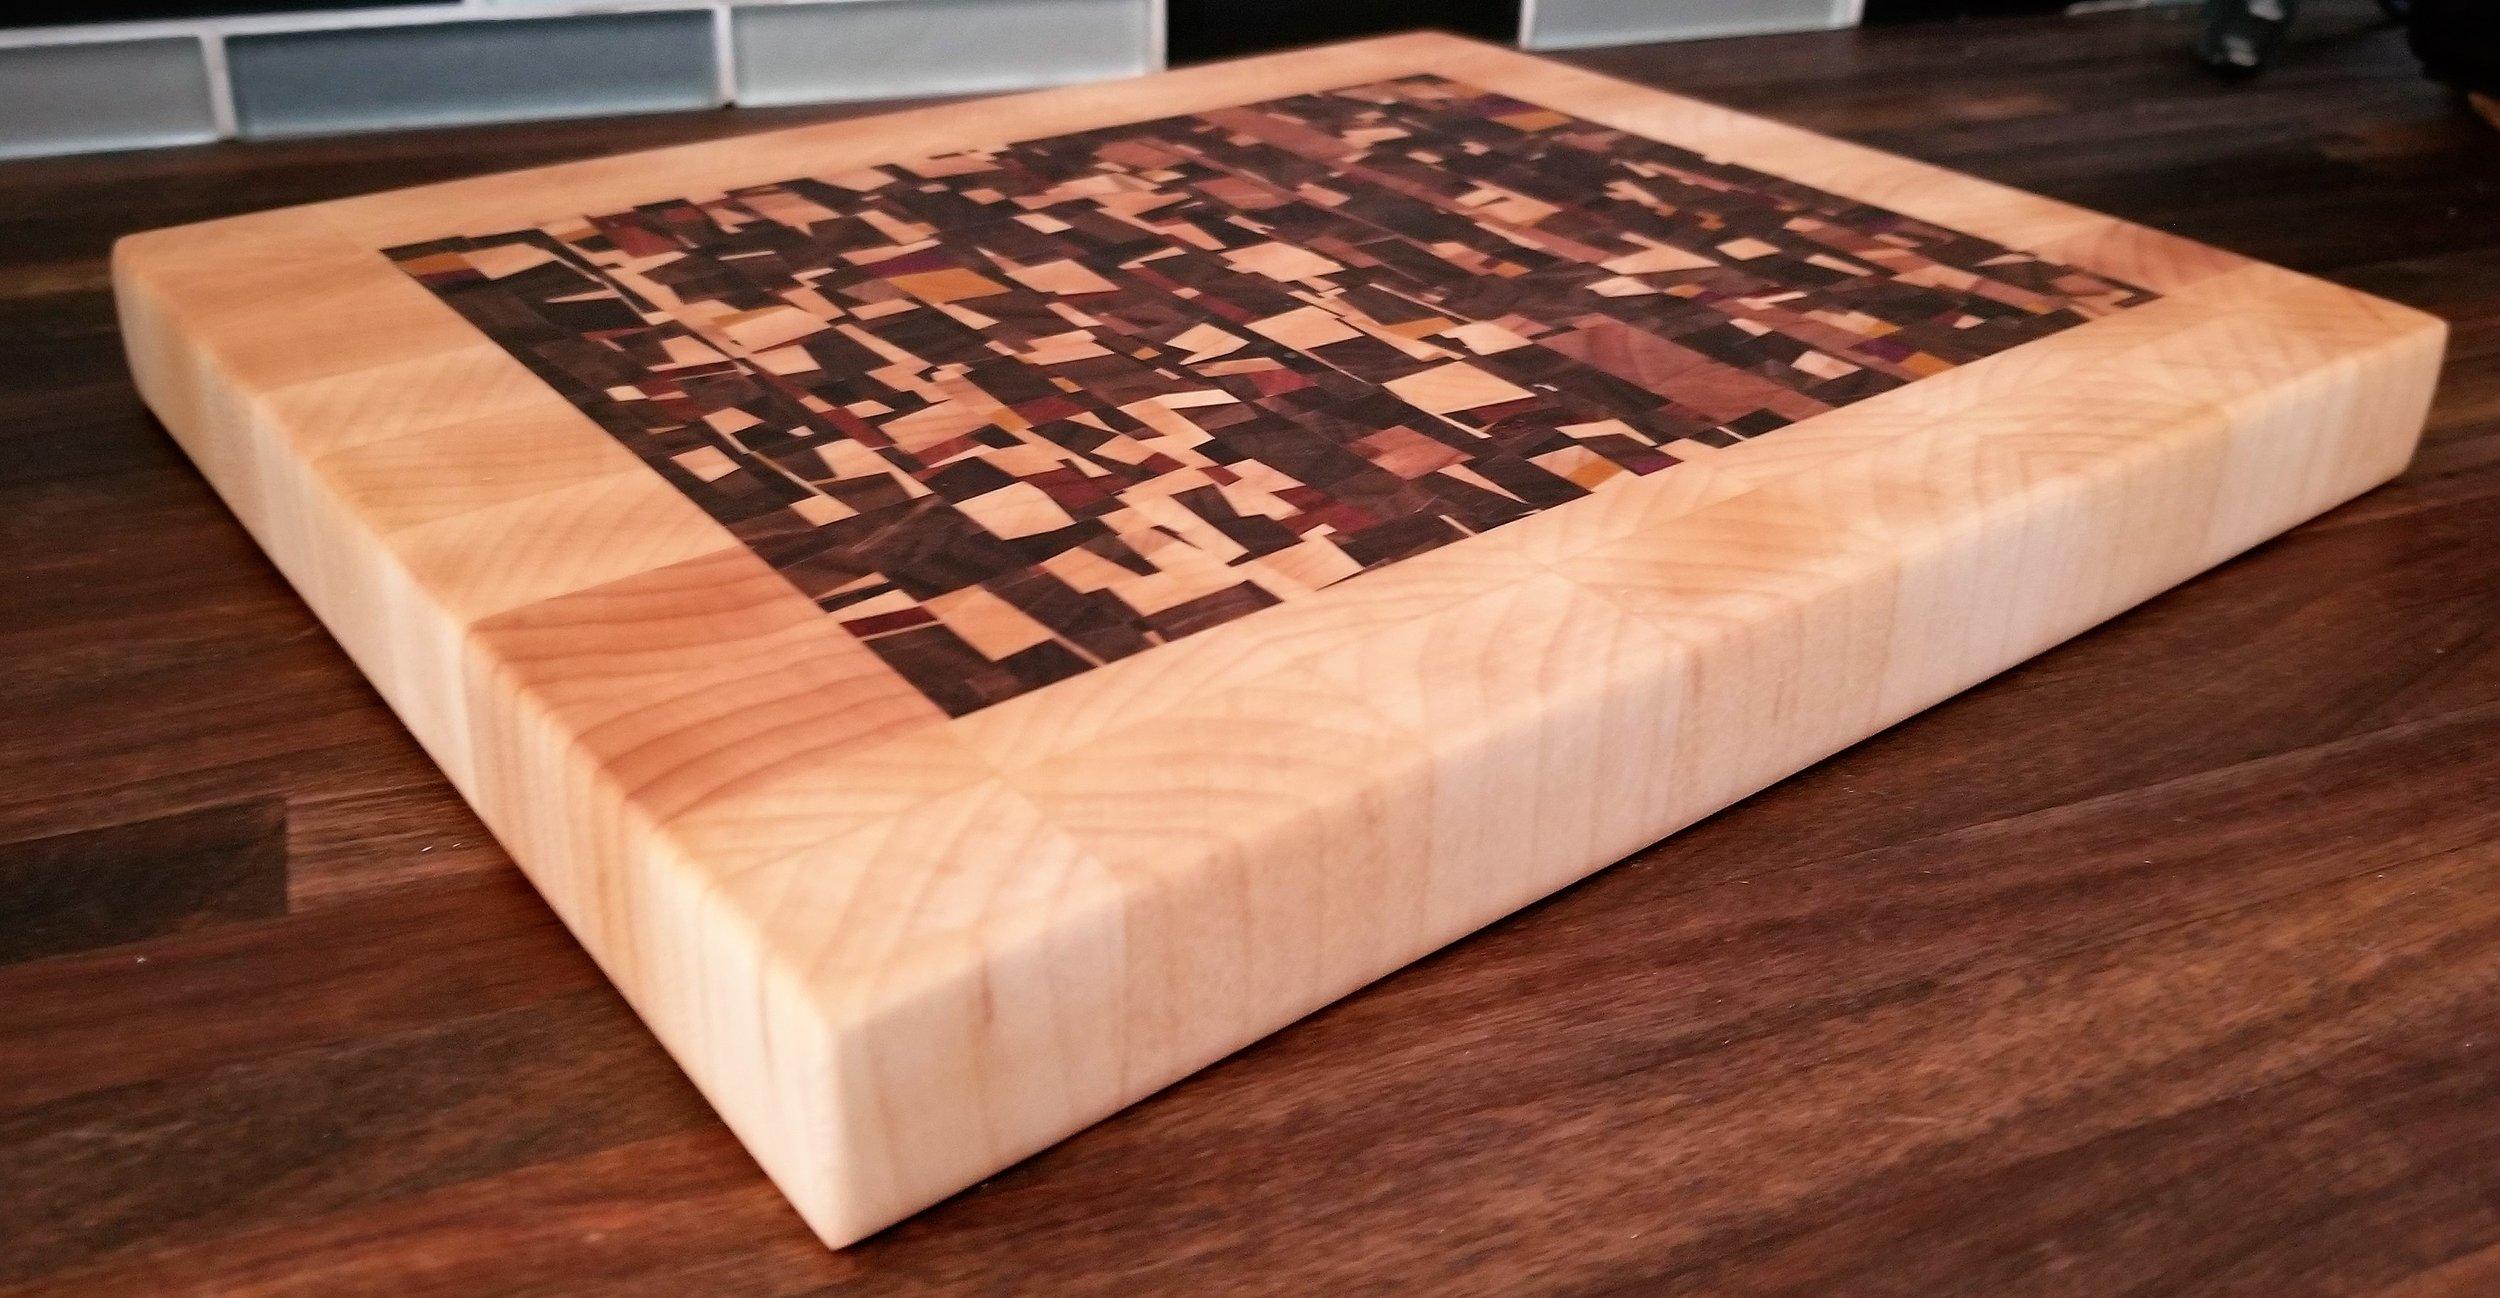 Board 3.view2.maple.walnut.mahogany.others.10.25x8.25x1_130.jpg